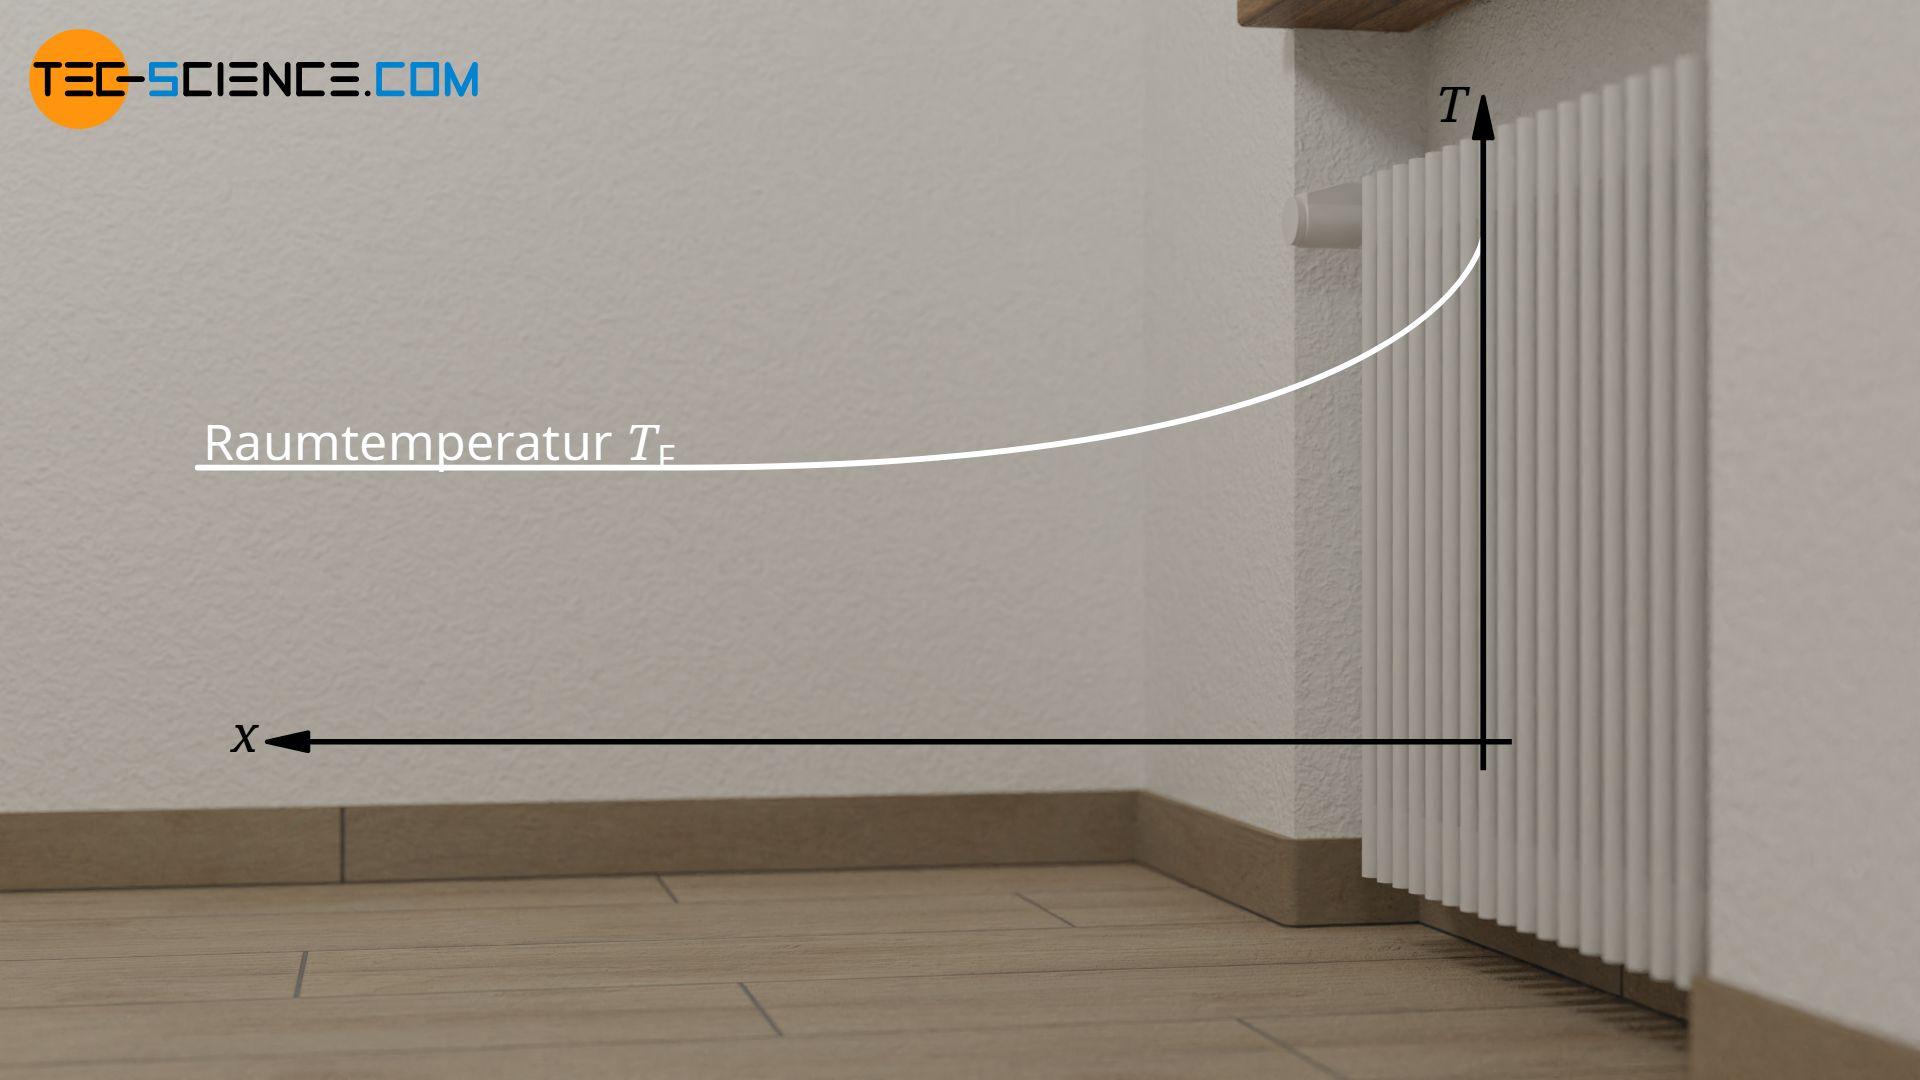 Bezugstemperatur bei einer räumlich nicht begrenzten Strömung